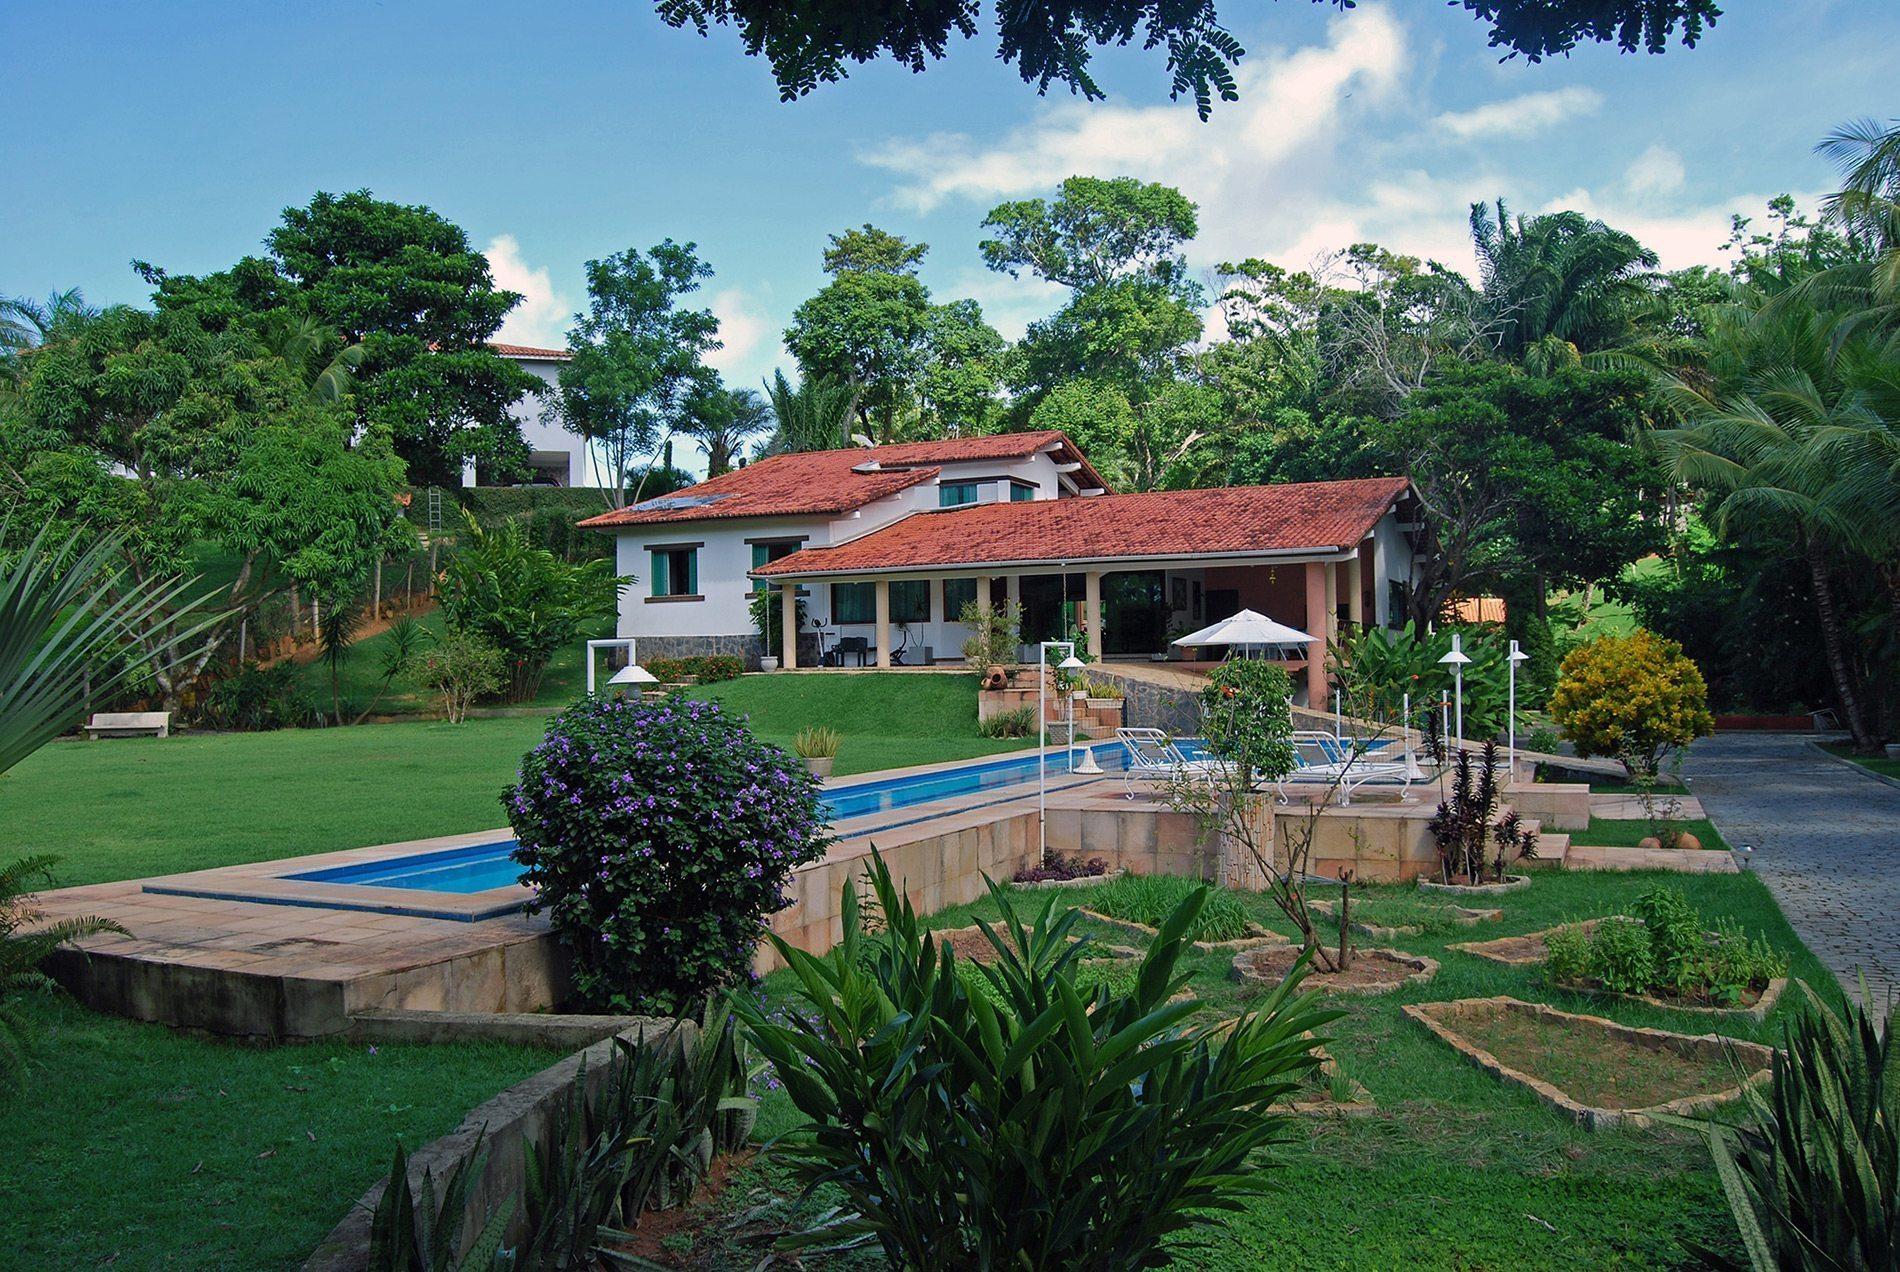 Linda casa com piscina a venda no encontro das guas for Casa con piscina urdaibai